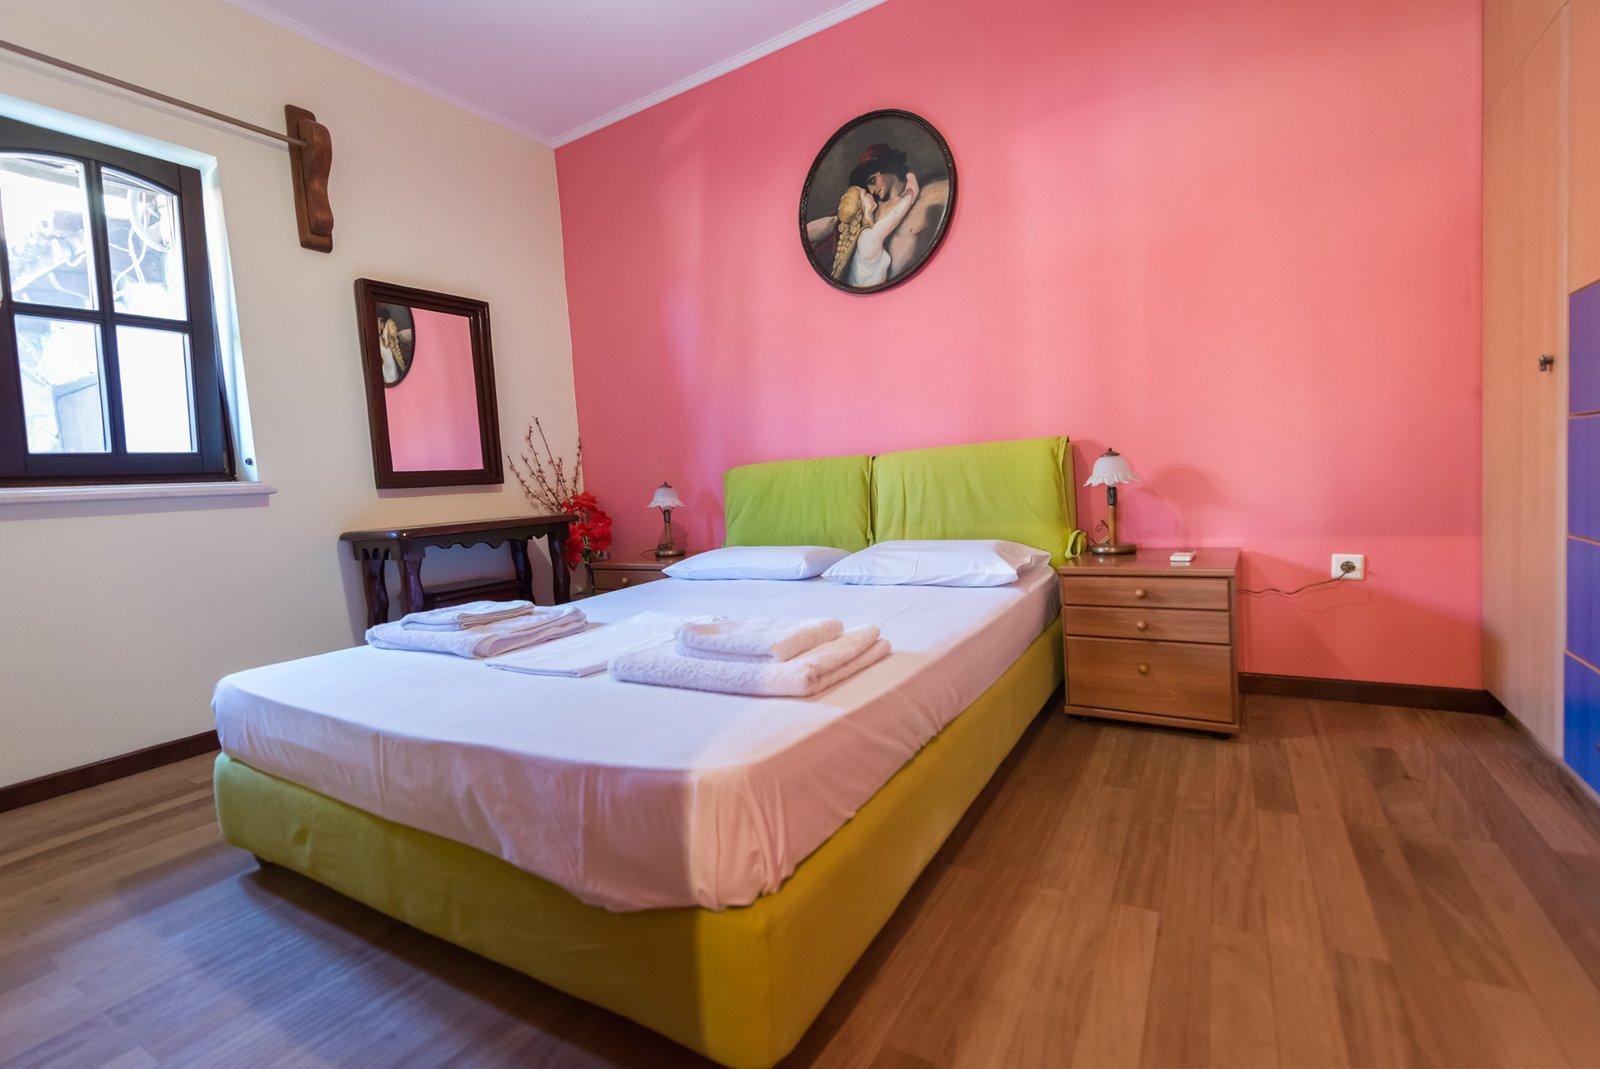 Laertis-bedroom